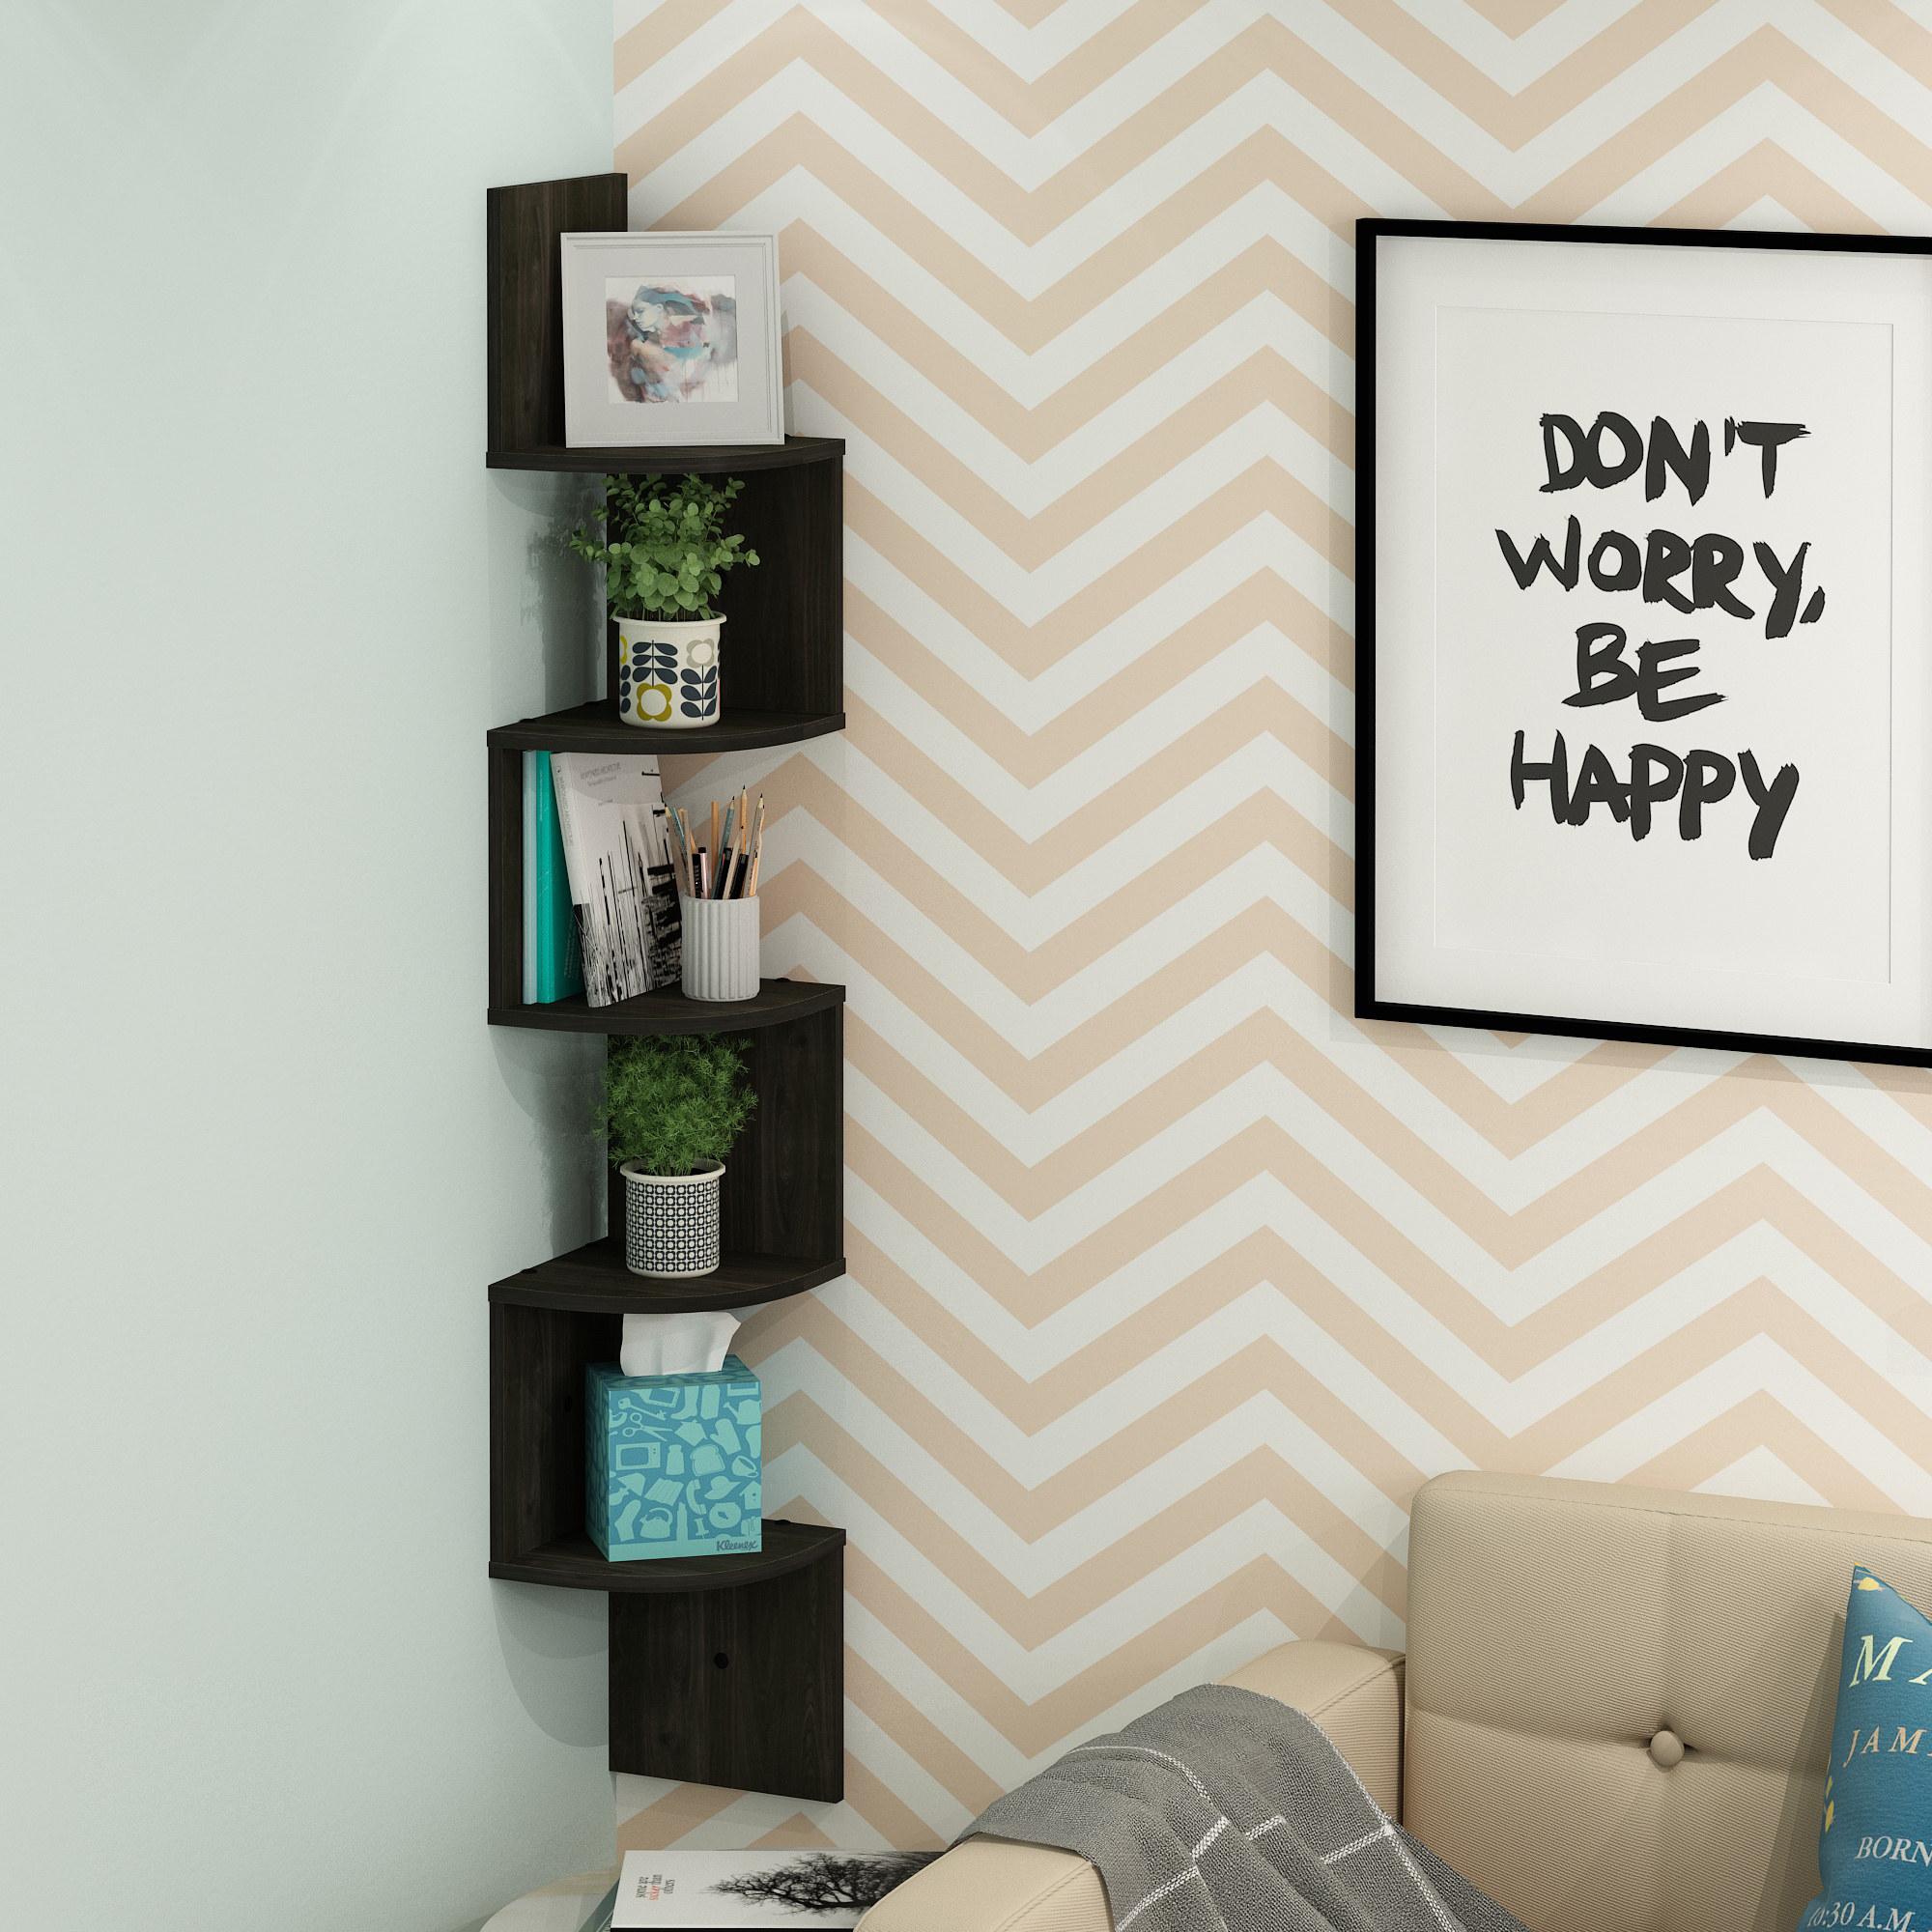 The black corner shelf